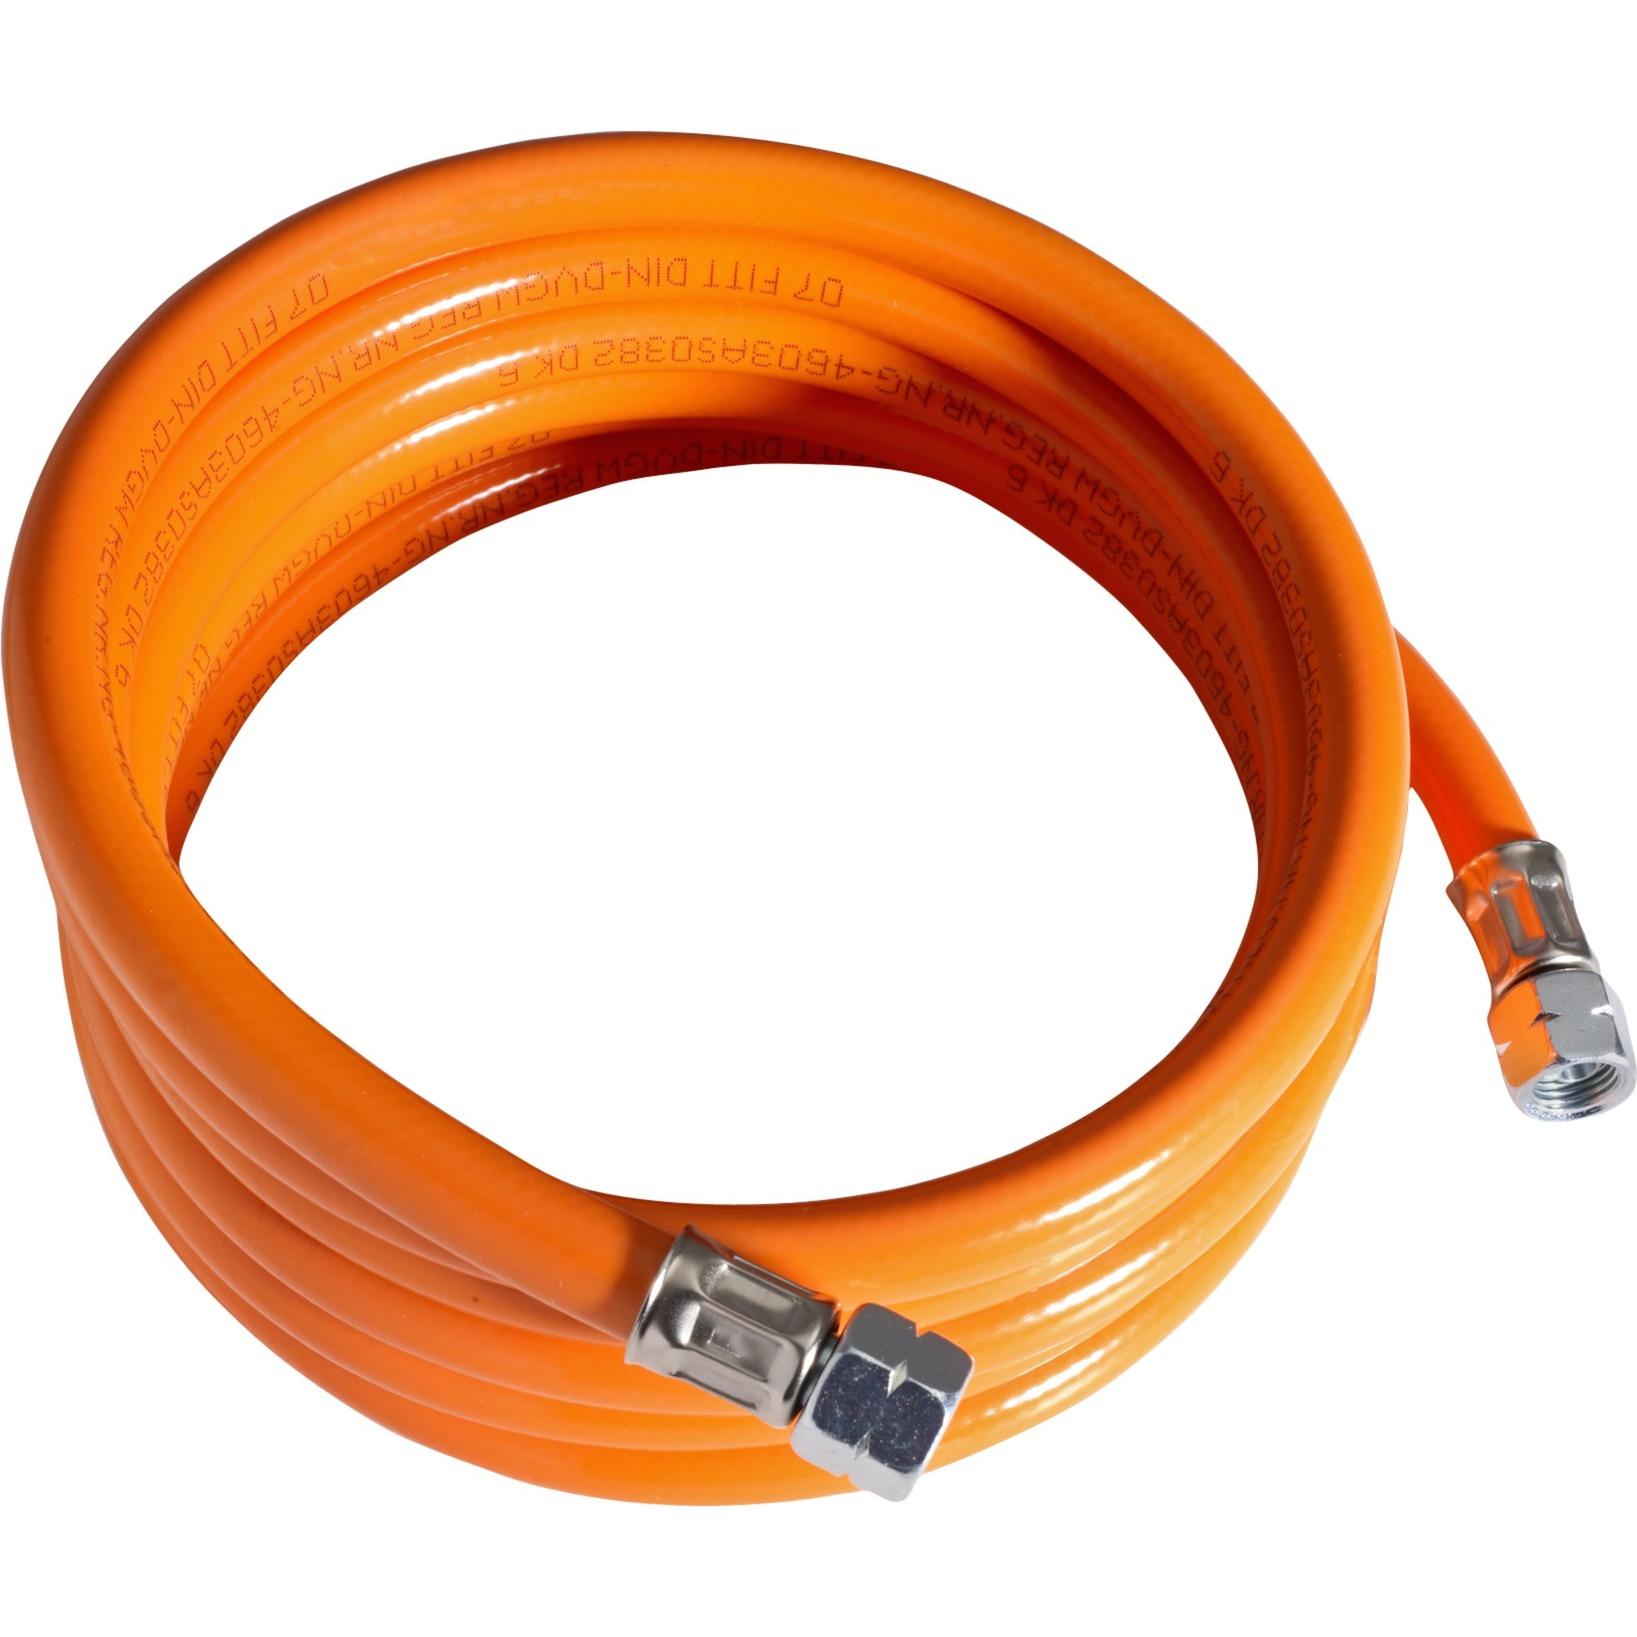 32440 0.8m Naranja manguera de compresores de aire